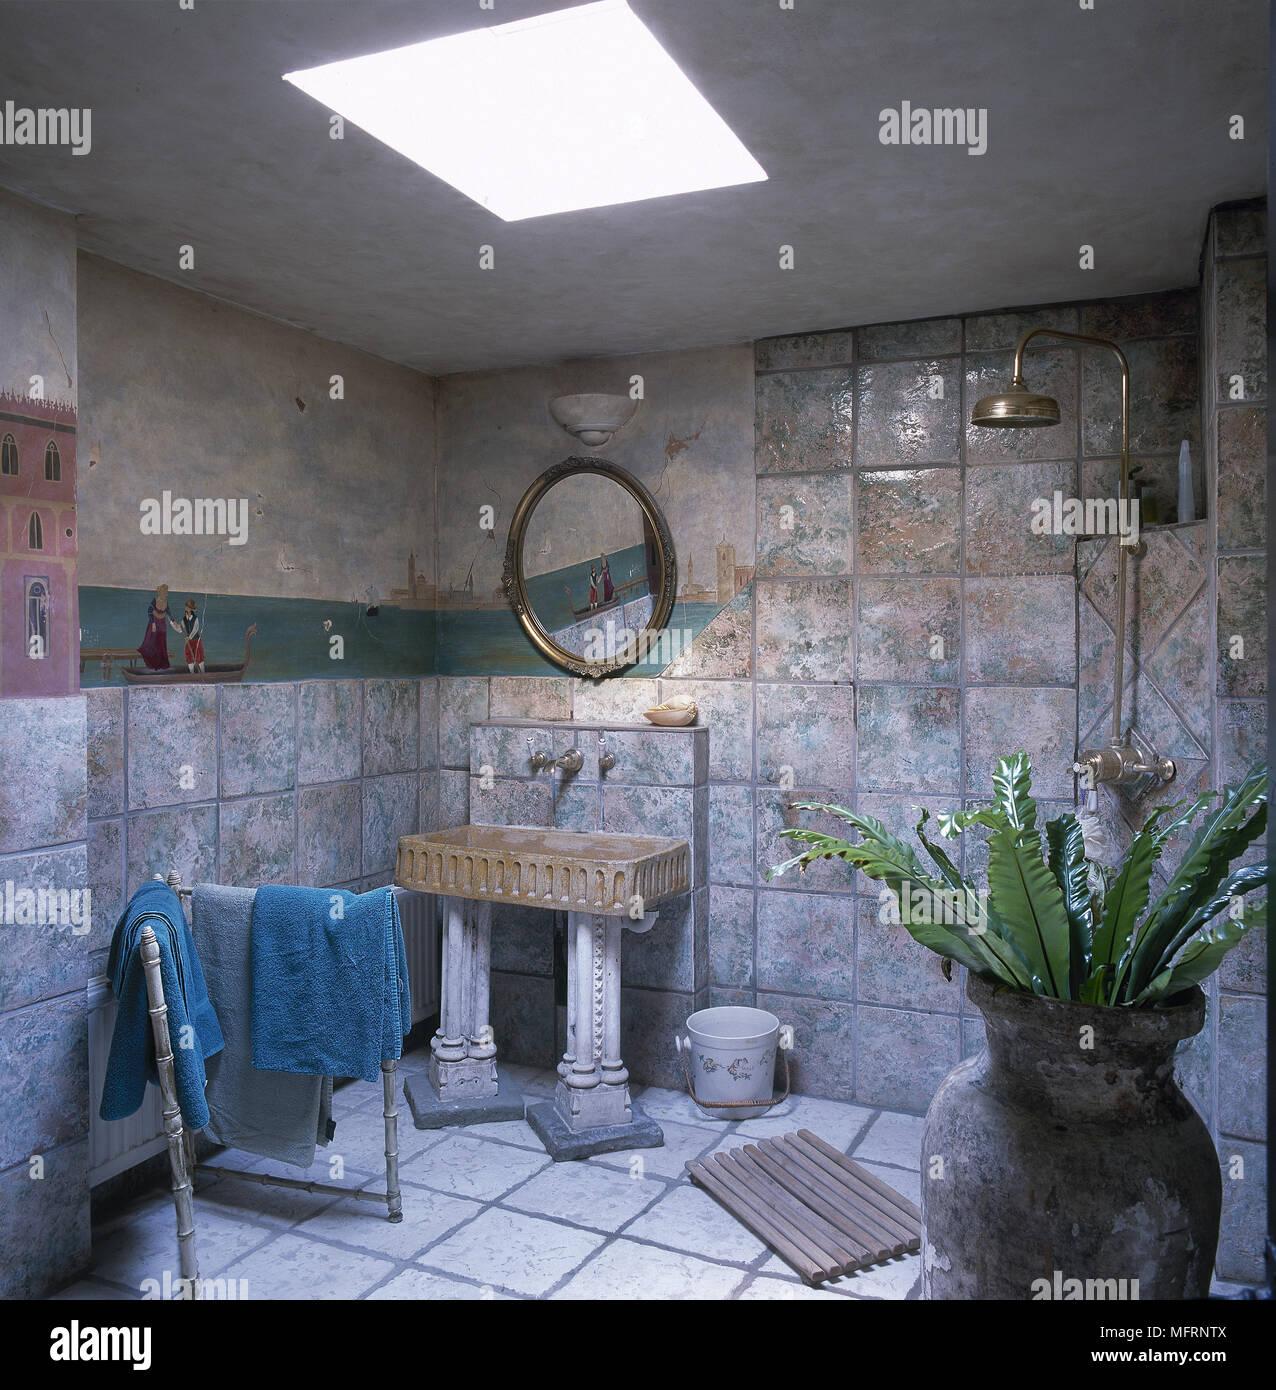 Rustikales Badezimmer, Nasszelle mit Waschbecken aus Stein auf